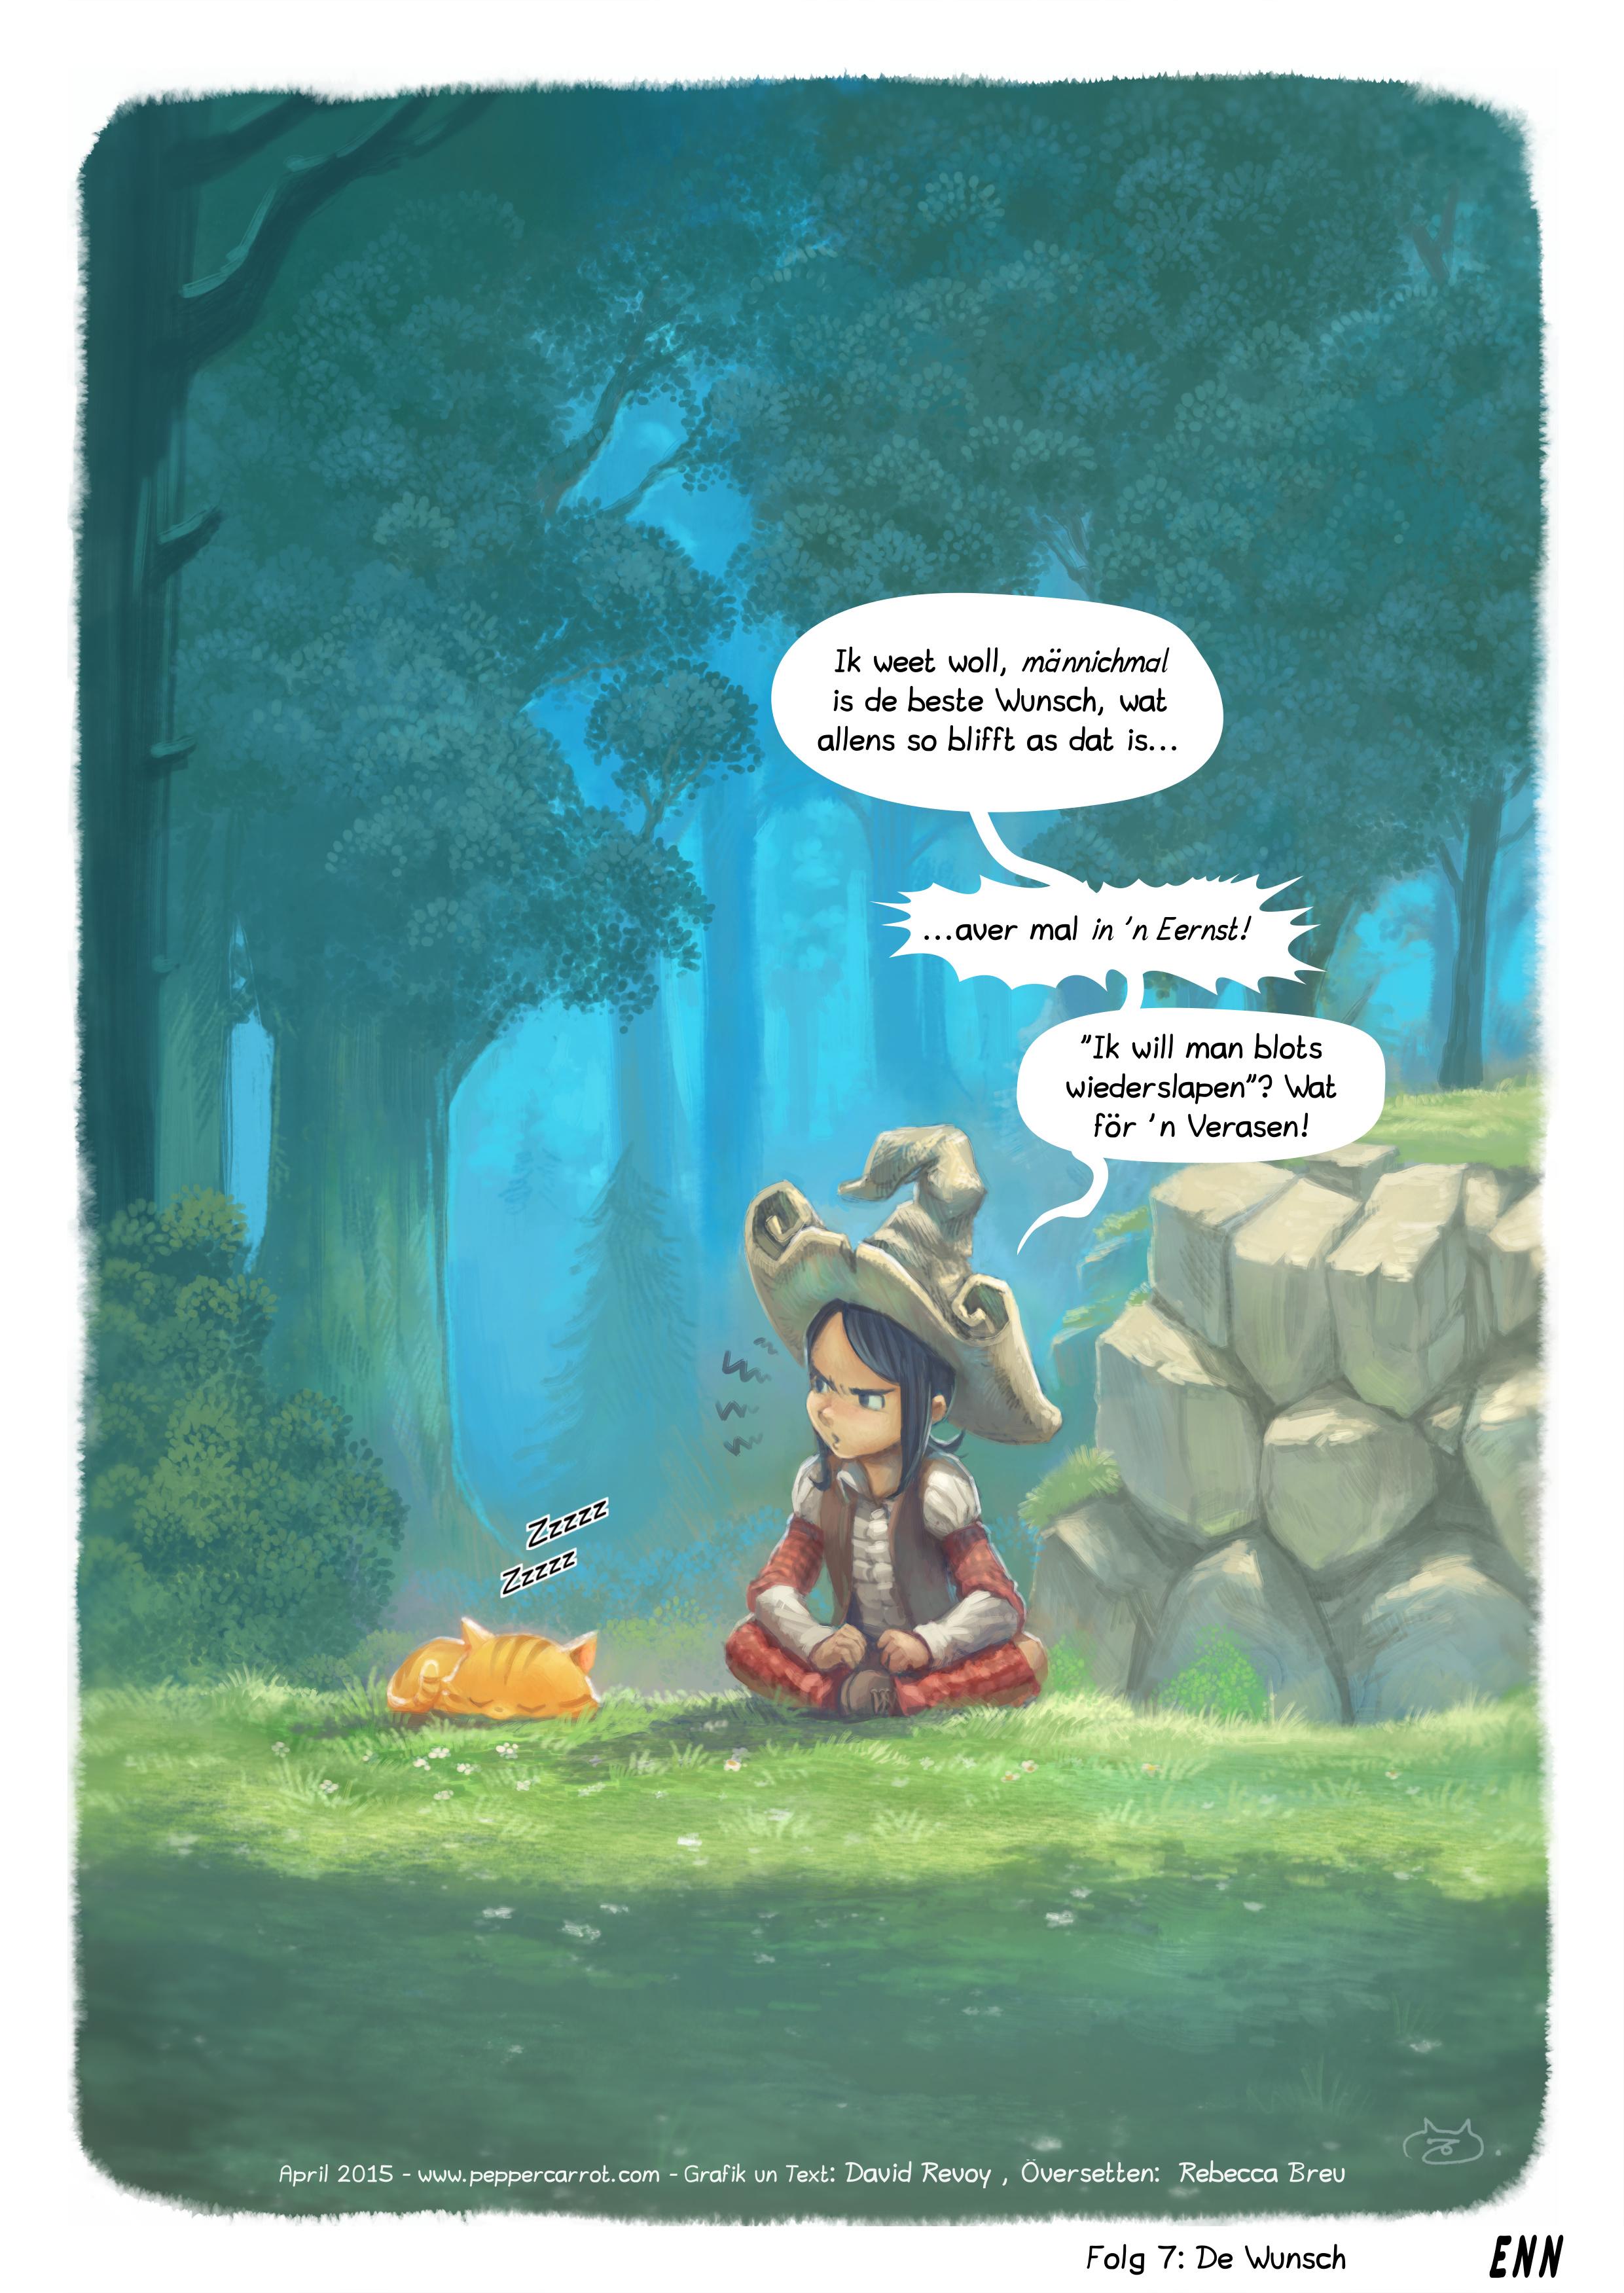 Folg 7: De Wunsch, Page 5